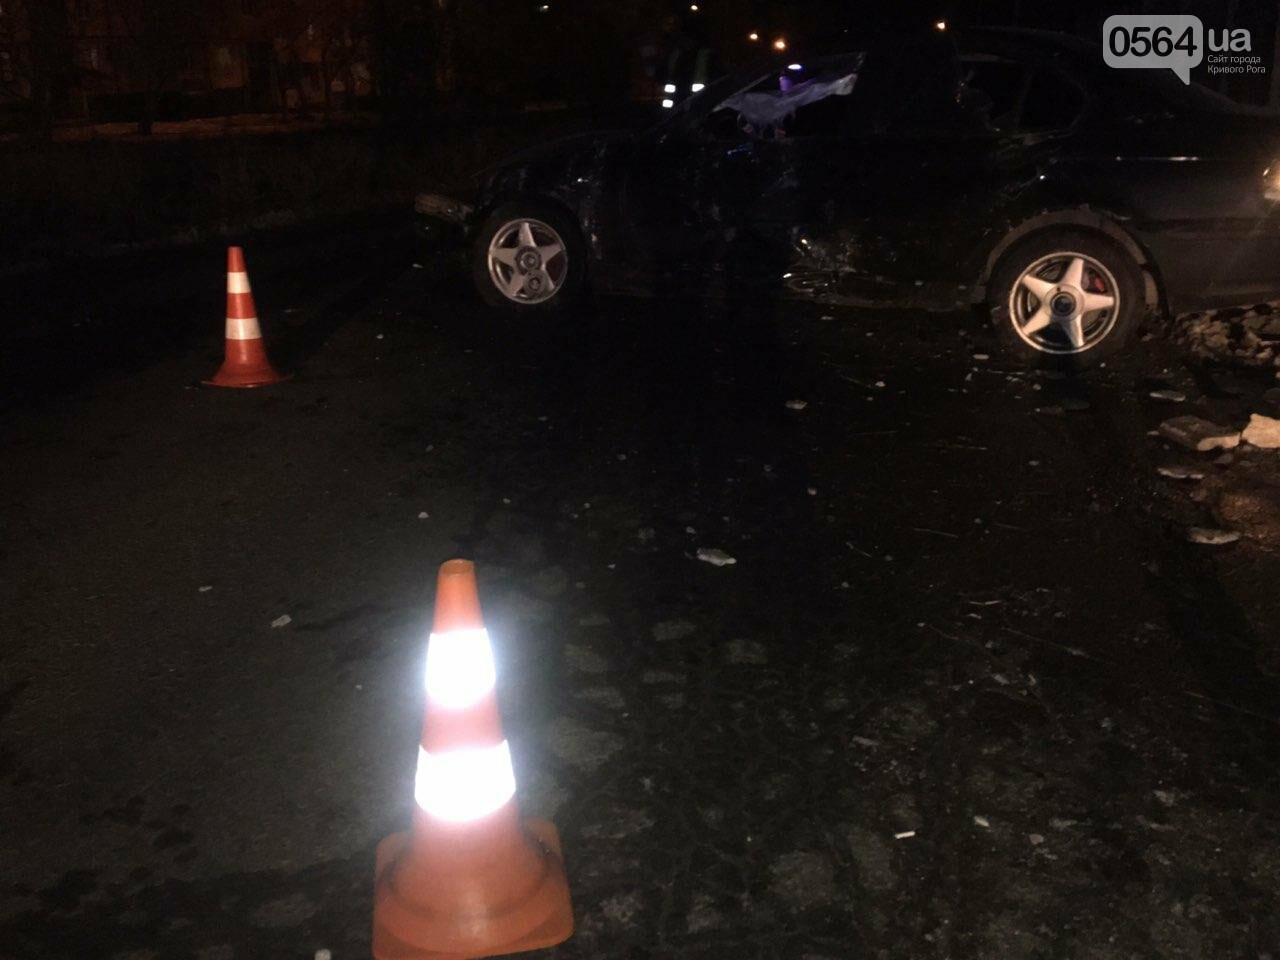 """В Кривом Роге """"BMW"""" снес забор стоянки: повреждено около 10 машин, есть пострадавший, - ФОТО , фото-26"""